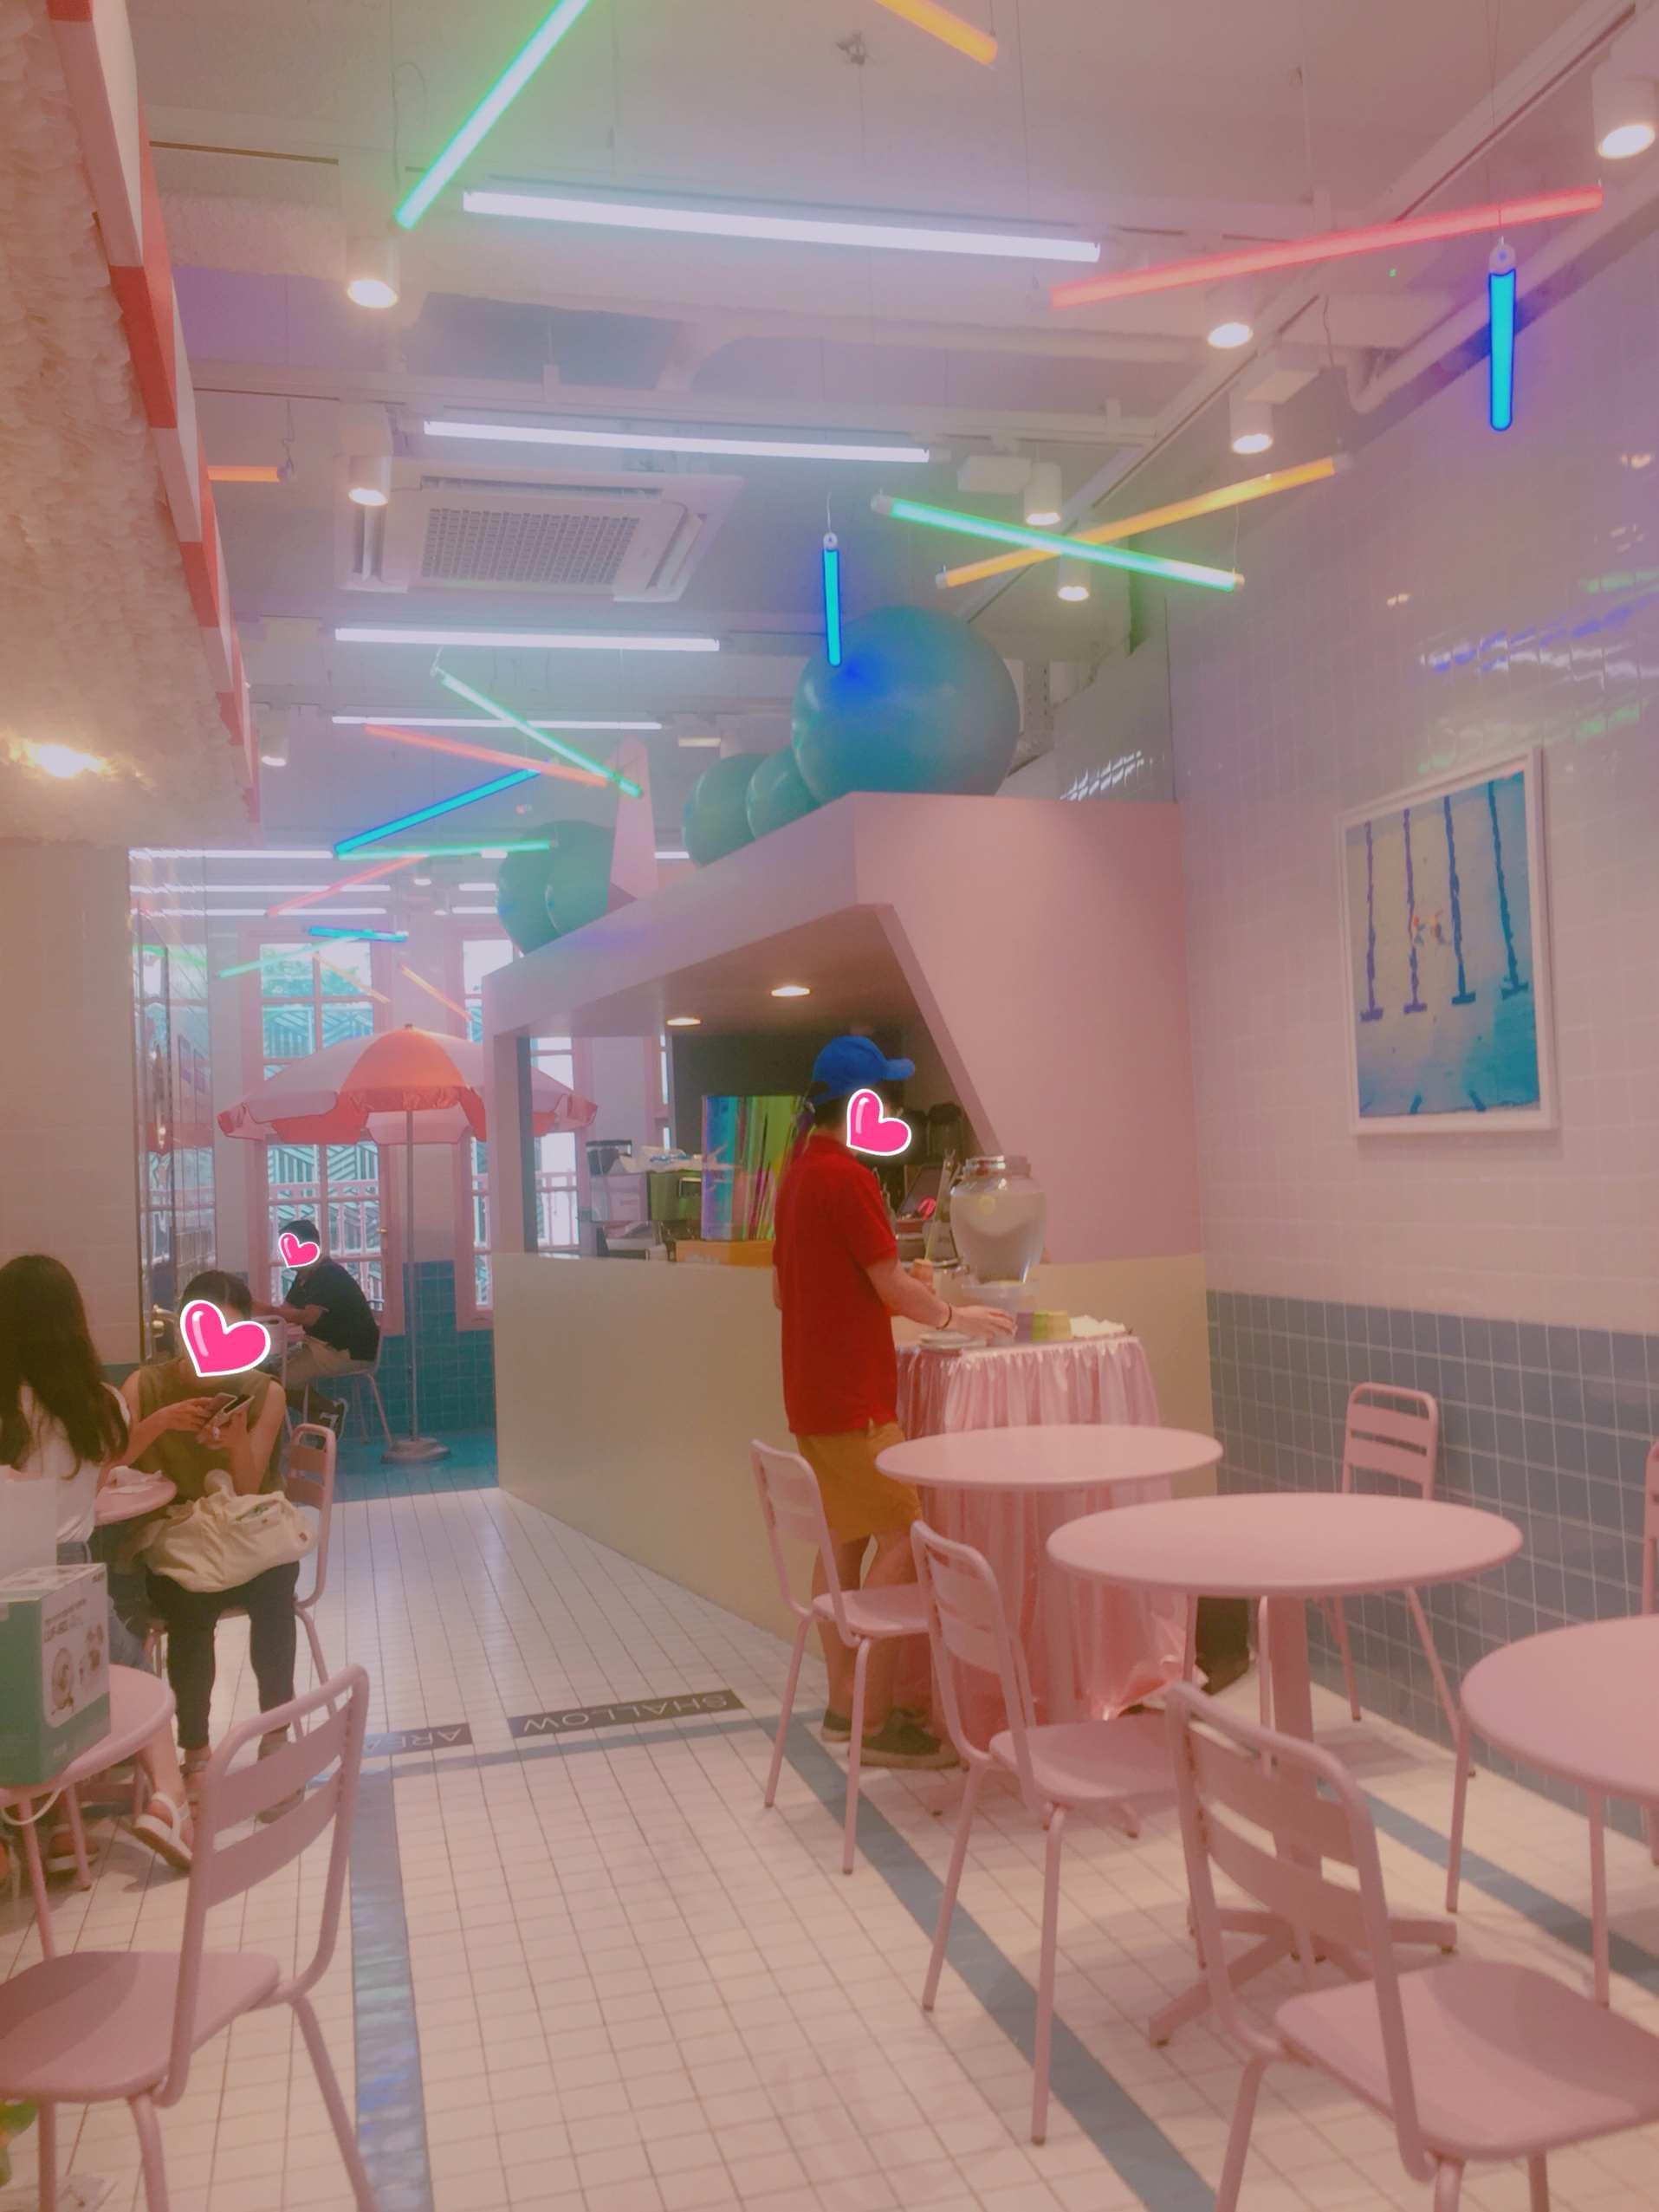 少女心十足粉嫩嫩的咖啡店~~~  逛累了和閨蜜喝杯下午茶吧